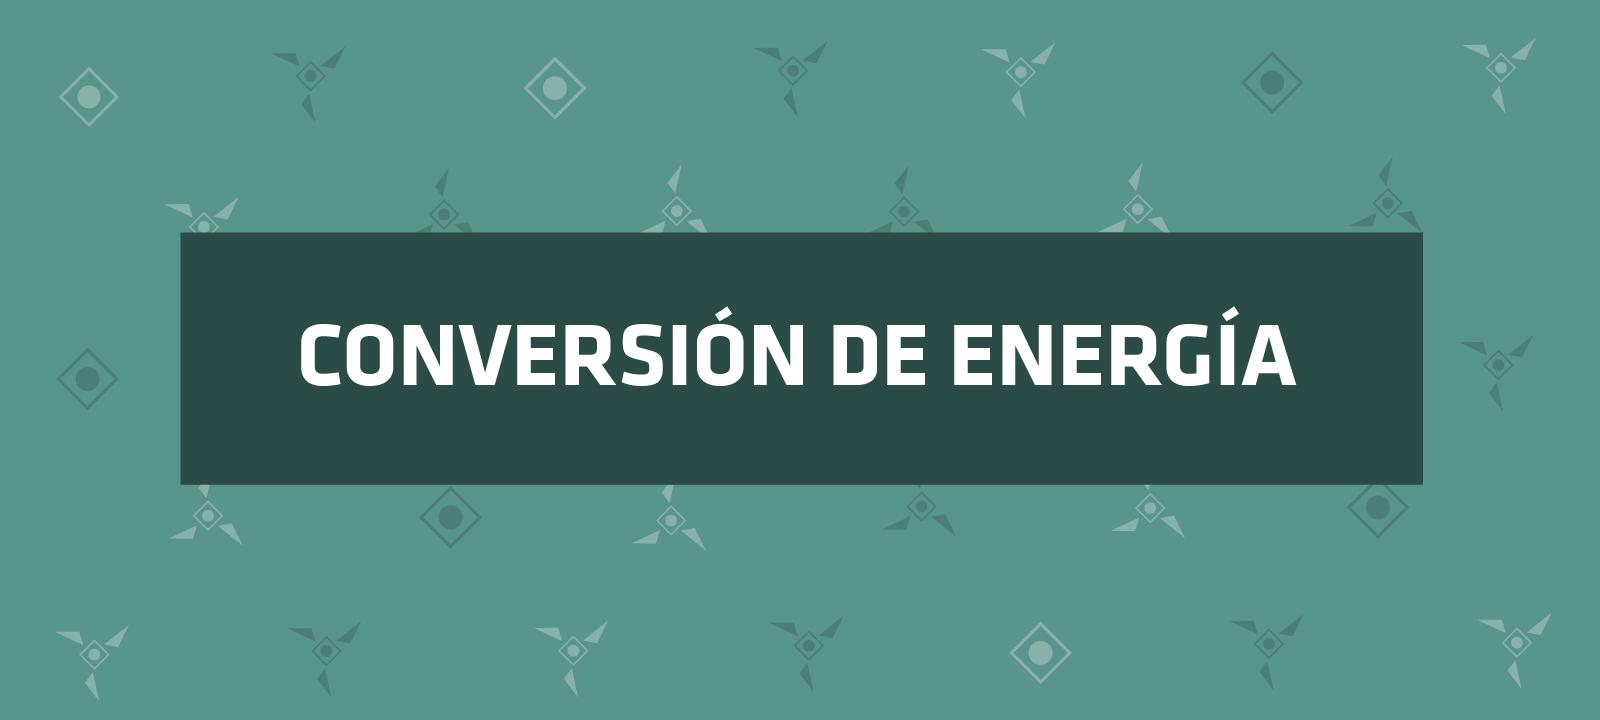 Grupo de investigación - Conversión de Energía | Uniandes